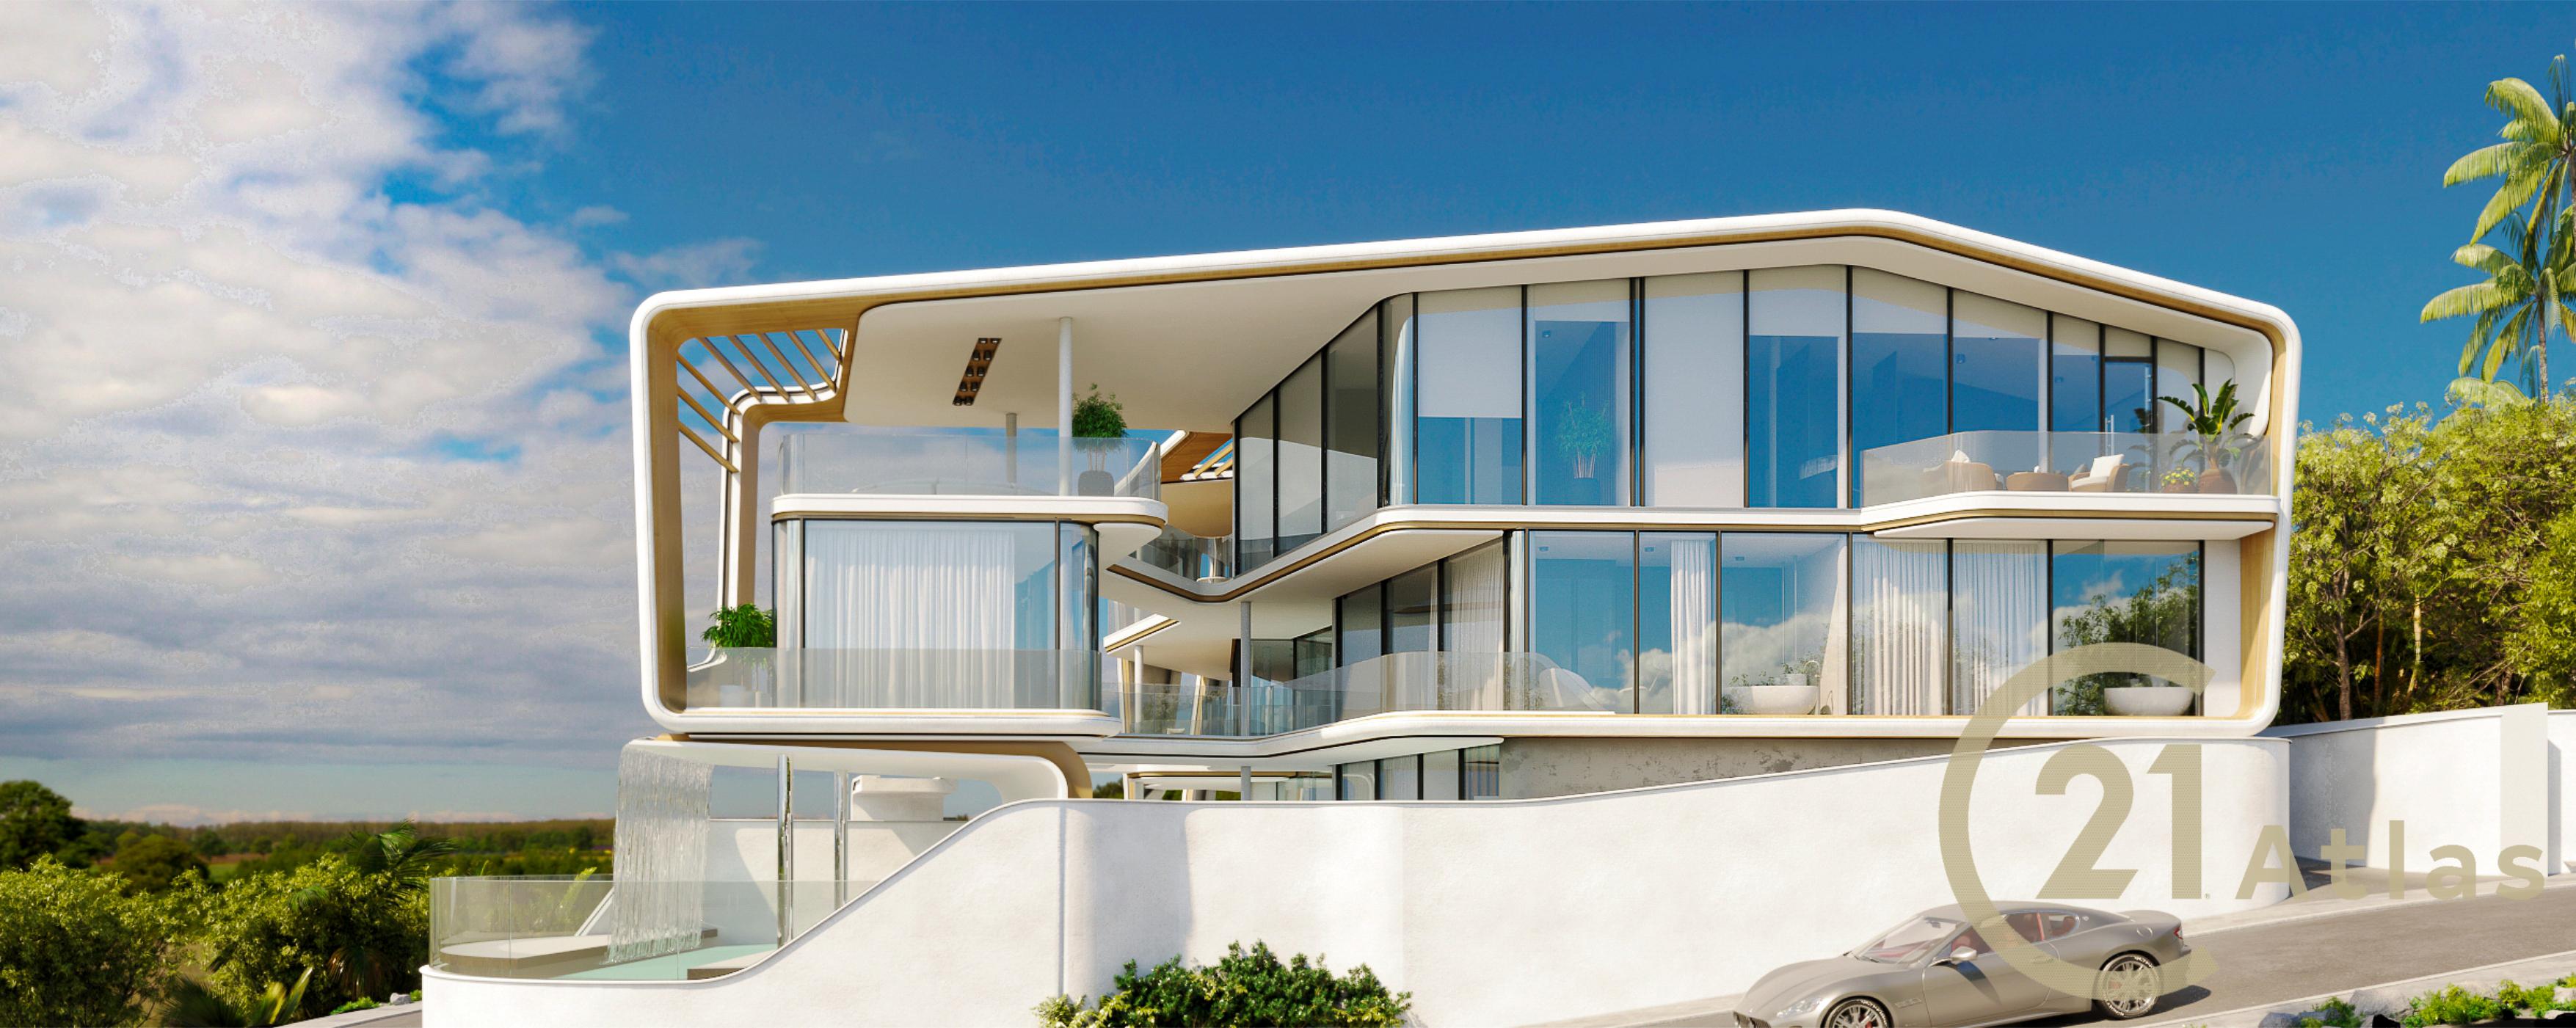 Stunning Luxury 5 bedrooms pool villa